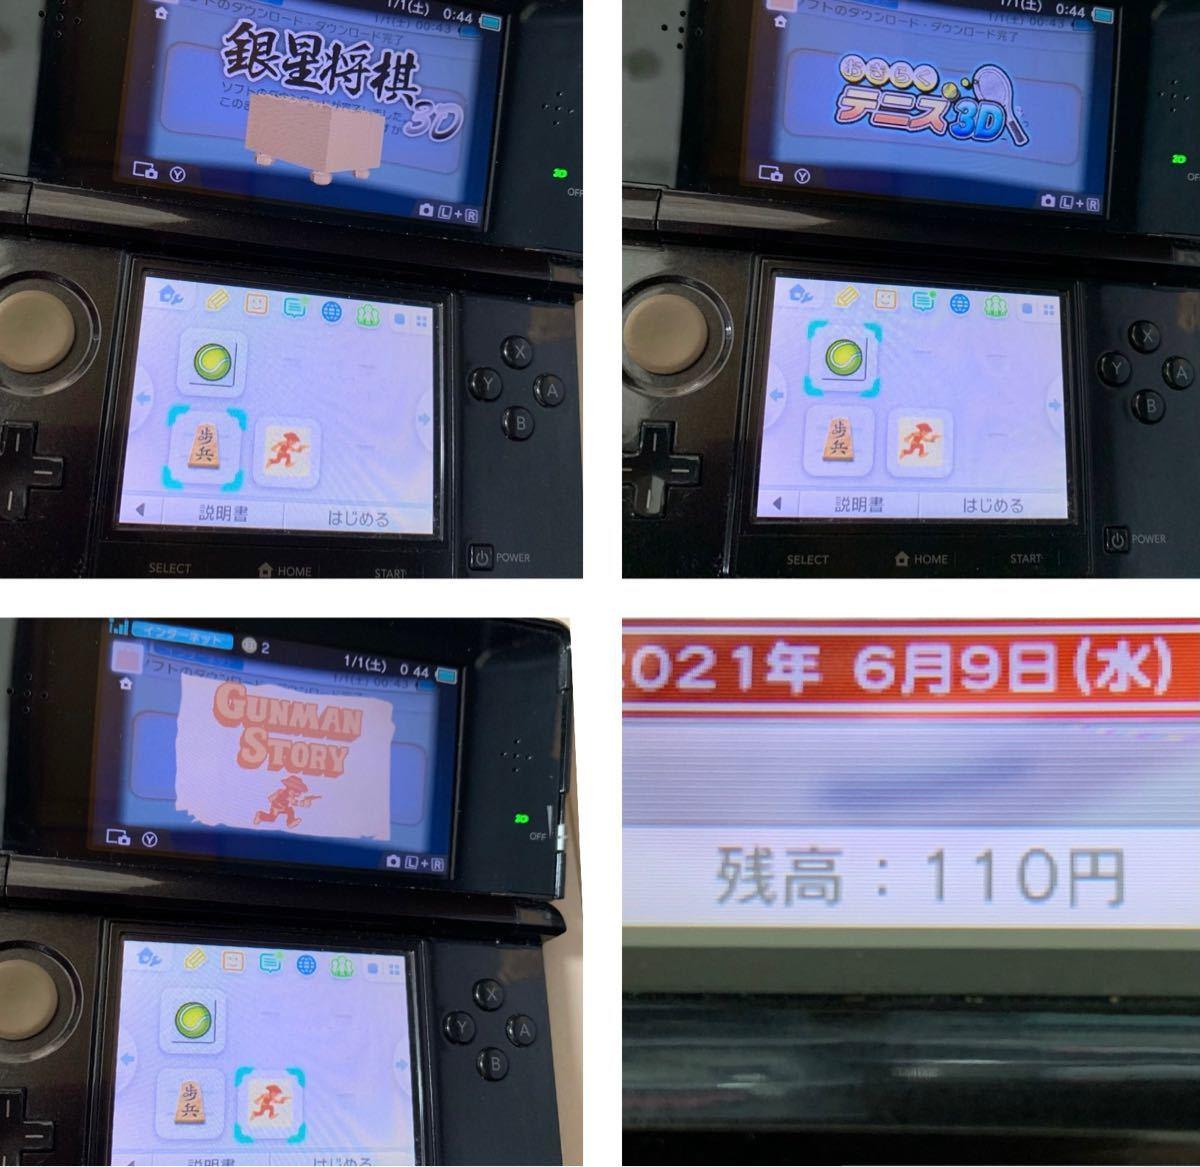 ニンテンドー 3DS コスモブラック 本体 純正充電器 SD 箱 説明書 ダウンロードソフト3本 残金105円 セット